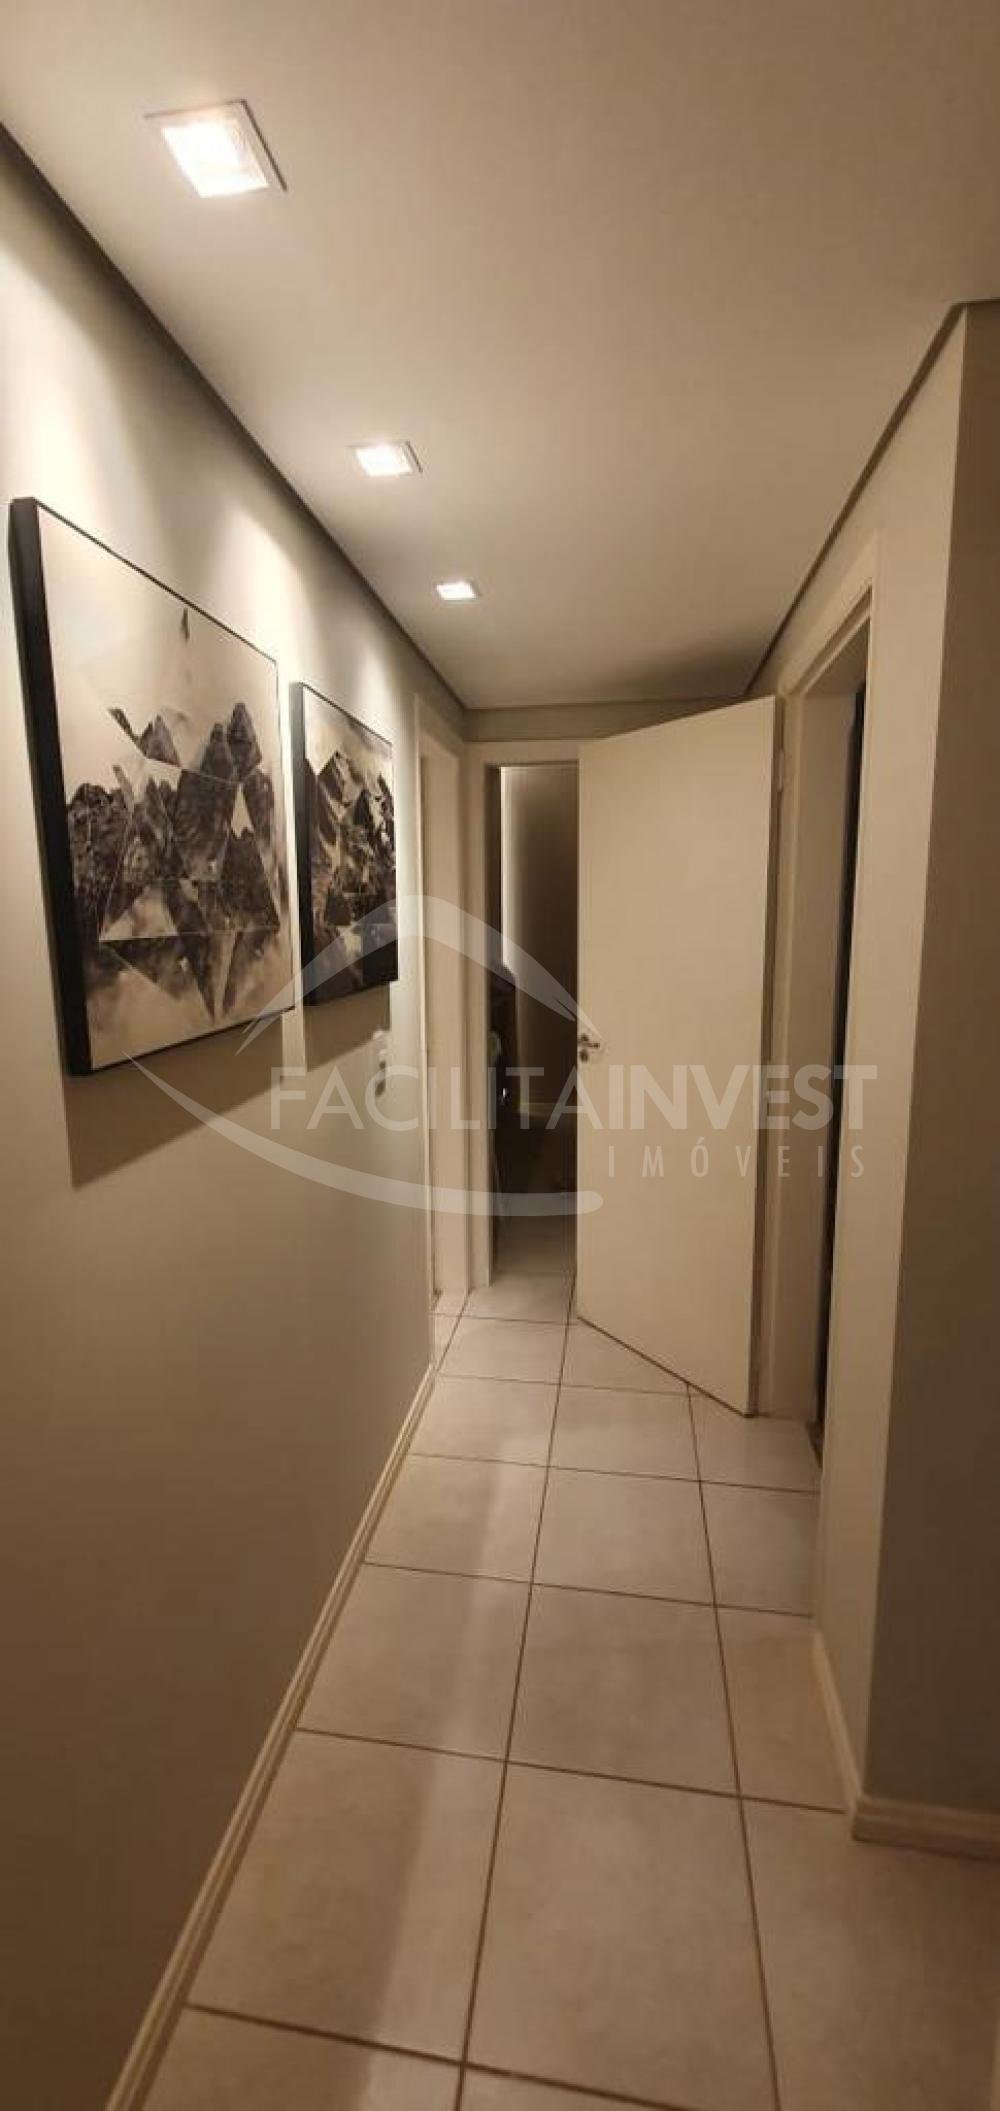 Comprar Apartamentos / Apart. Padrão em Ribeirão Preto apenas R$ 640.000,00 - Foto 15